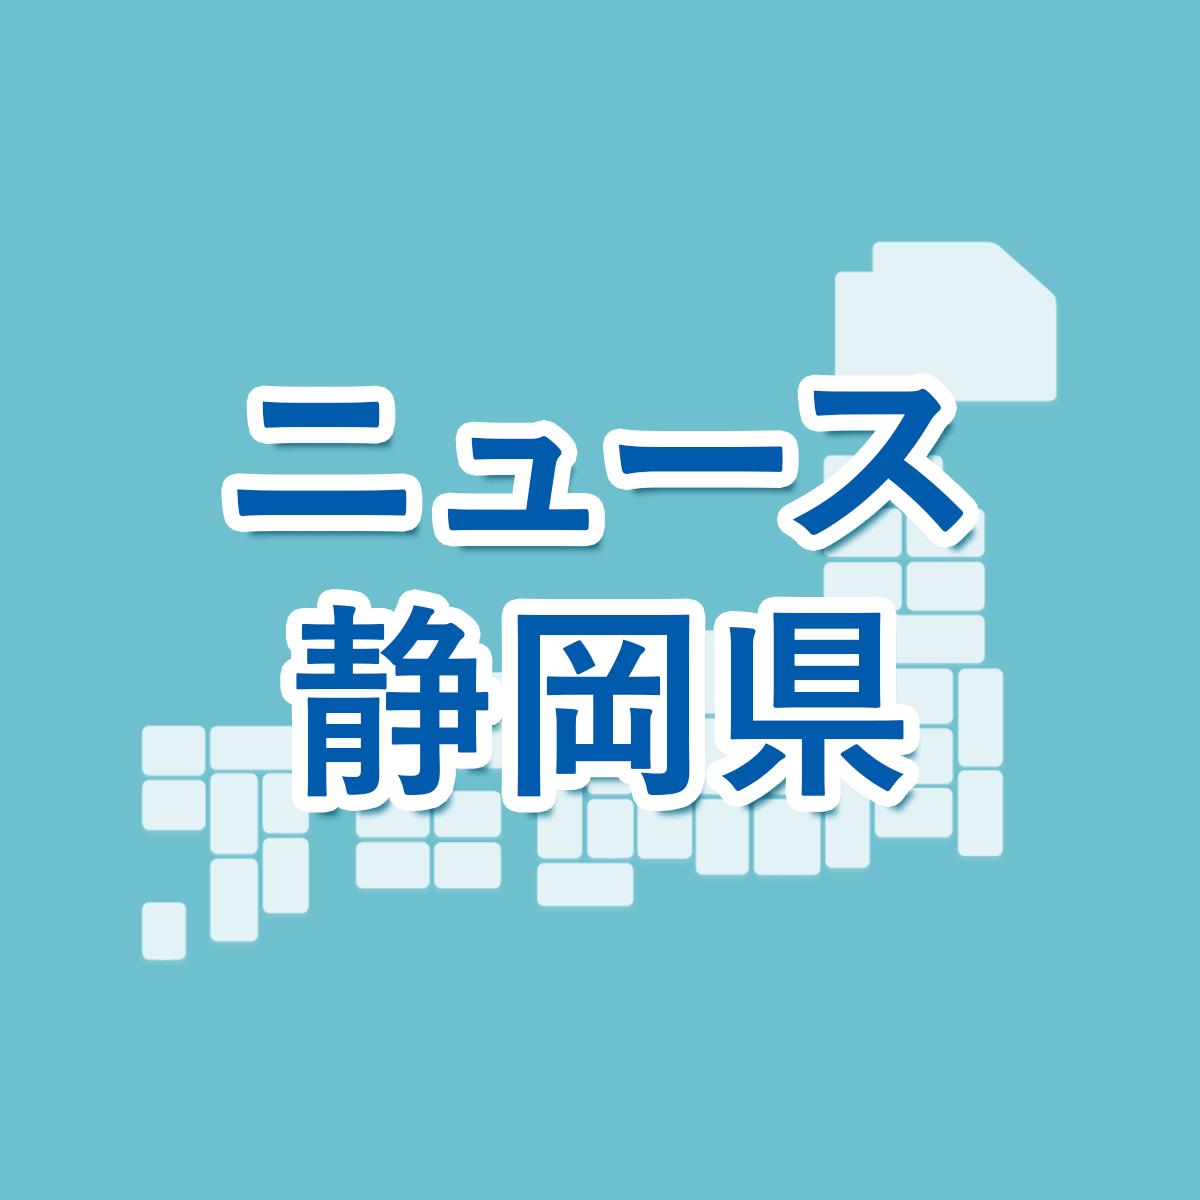 倍率 高校 静岡 公立